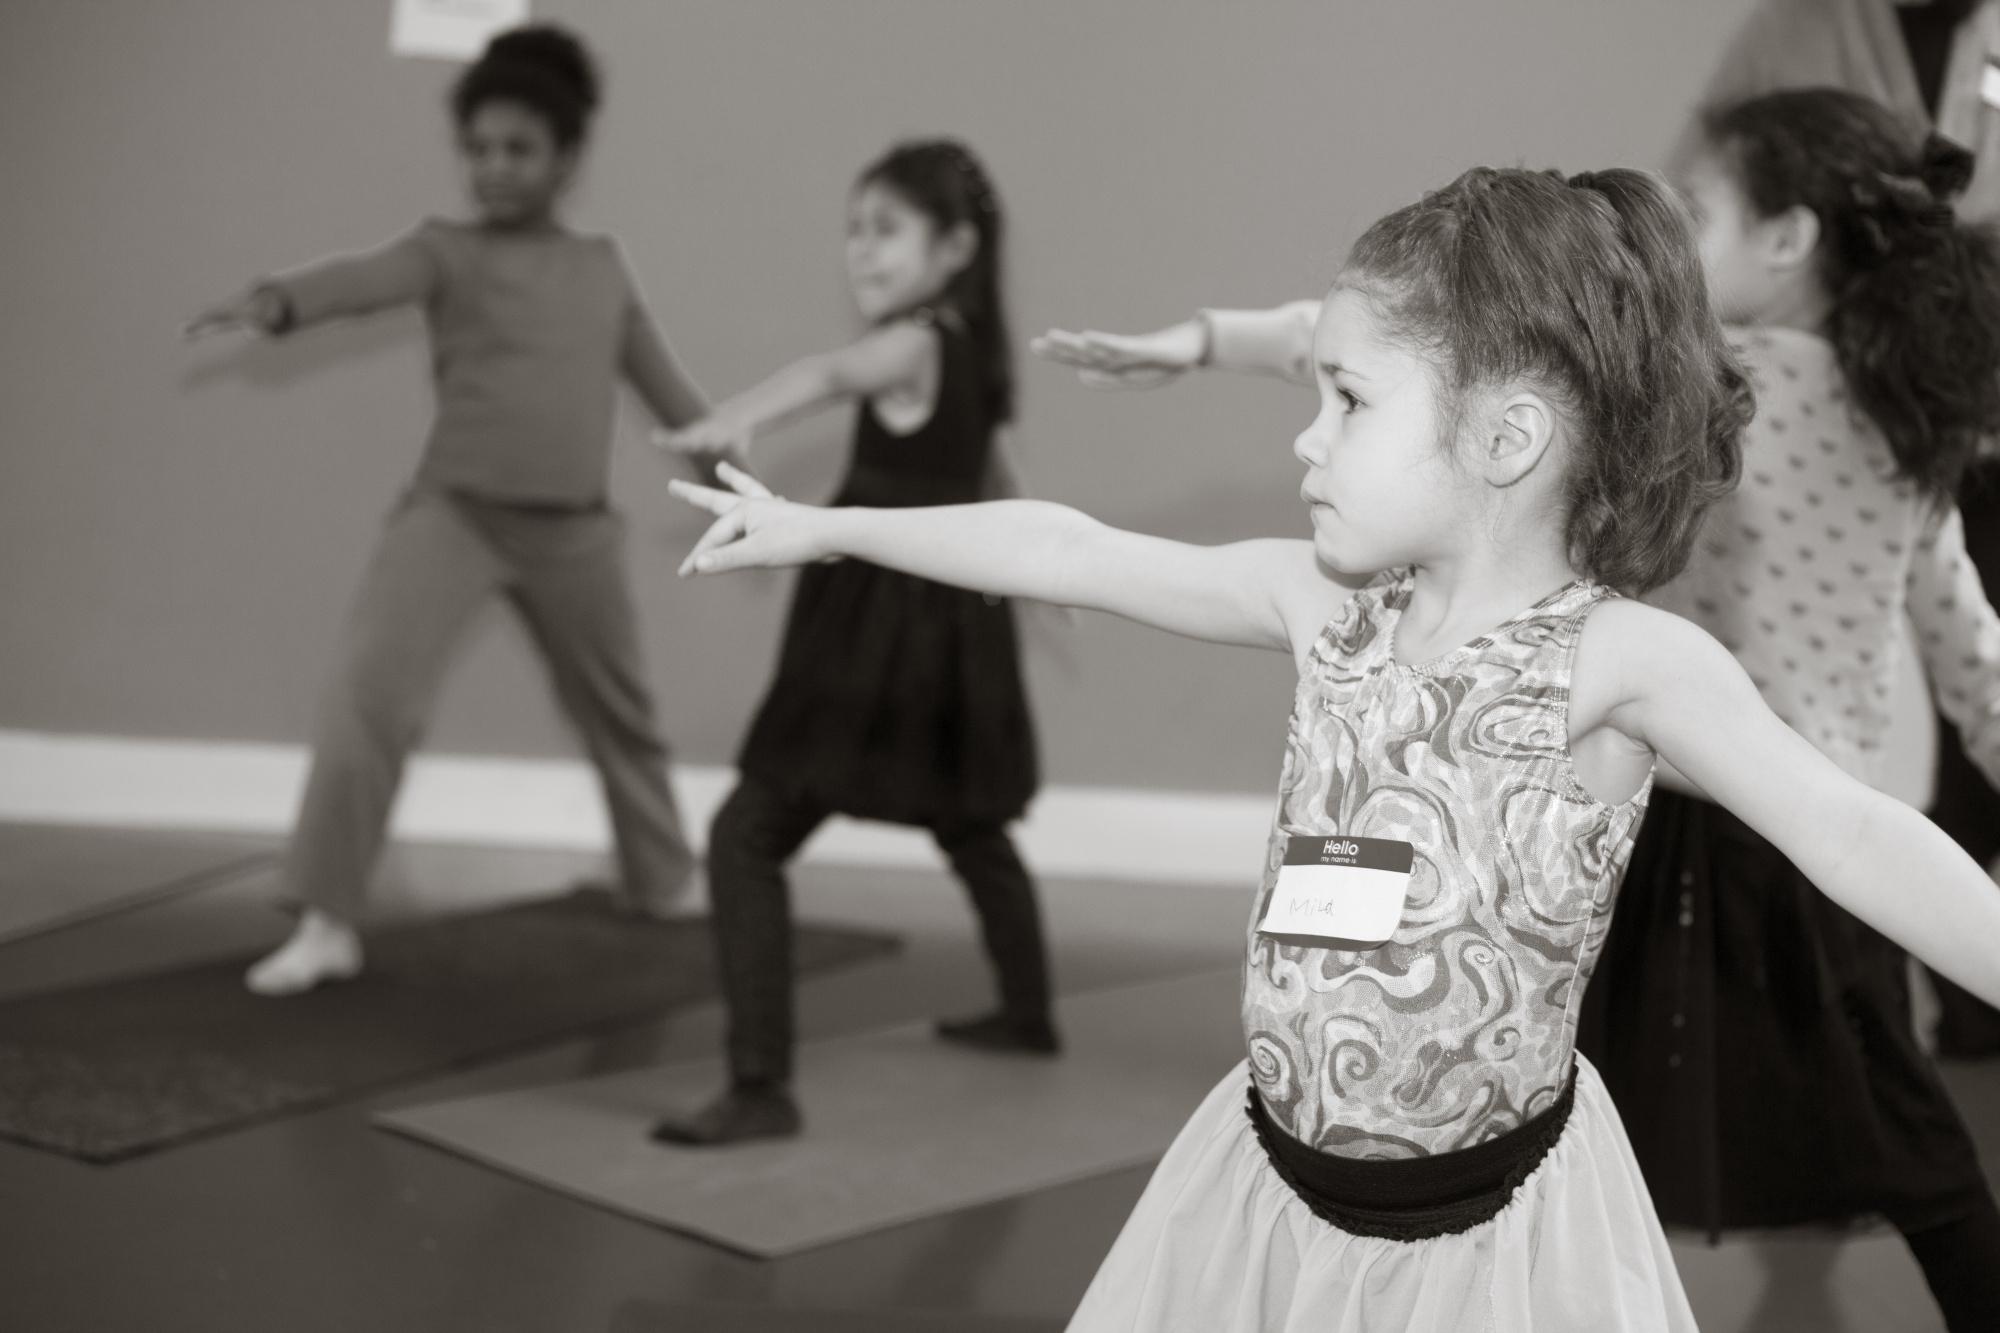 asweatlife_smarty pants yoga empowering girls across Chicago_1